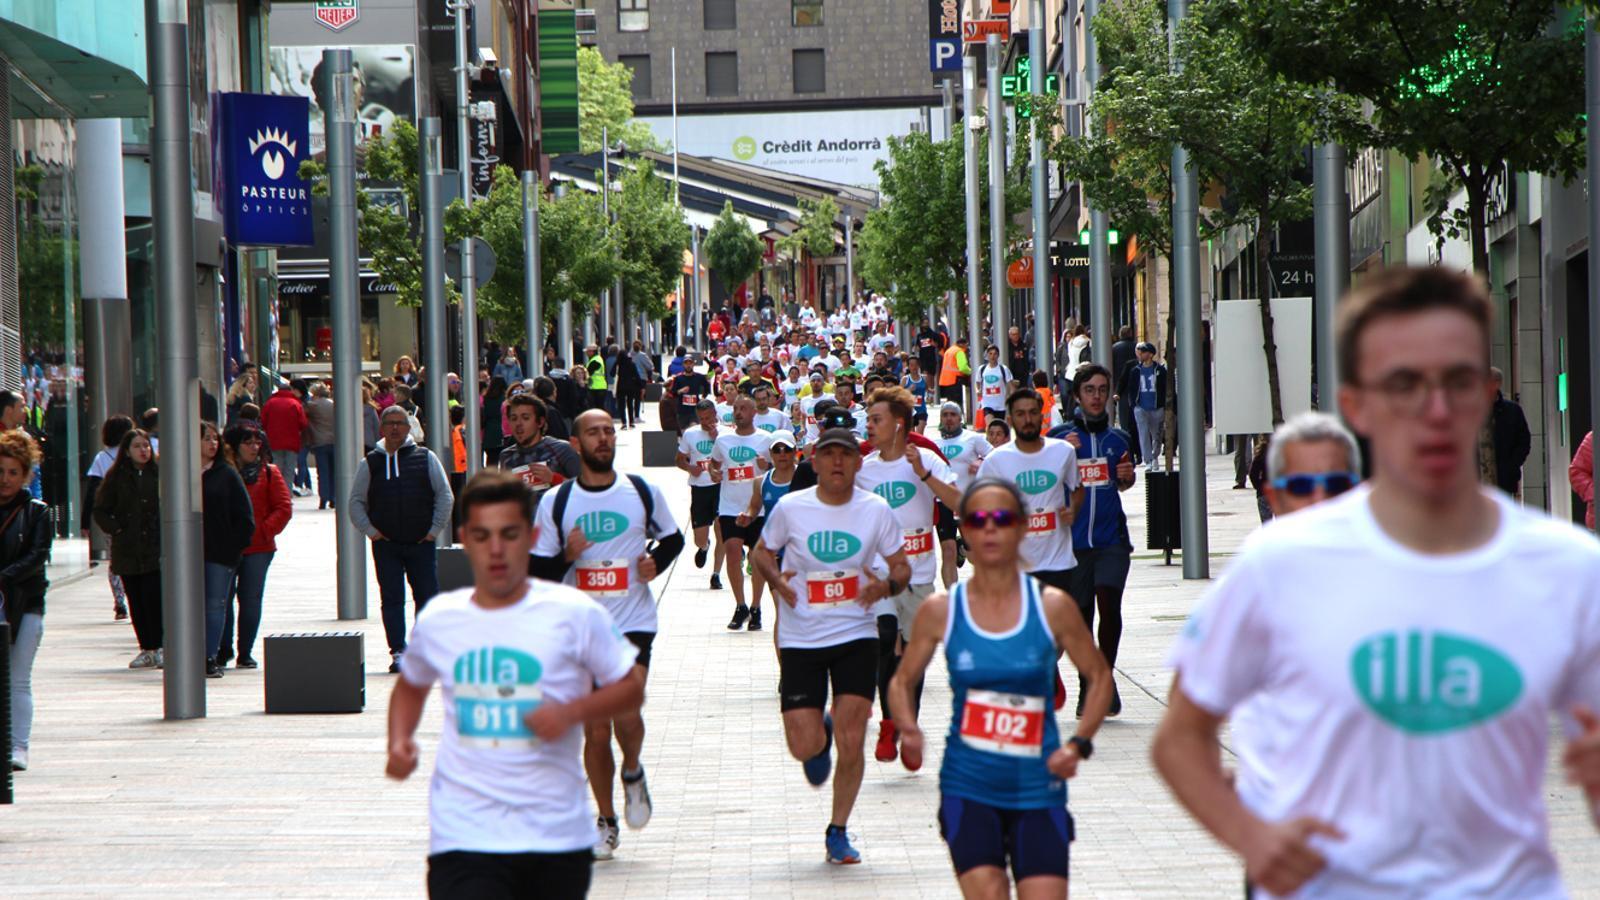 La cursa de cinc quilòmetres. / M. M. (ANA)